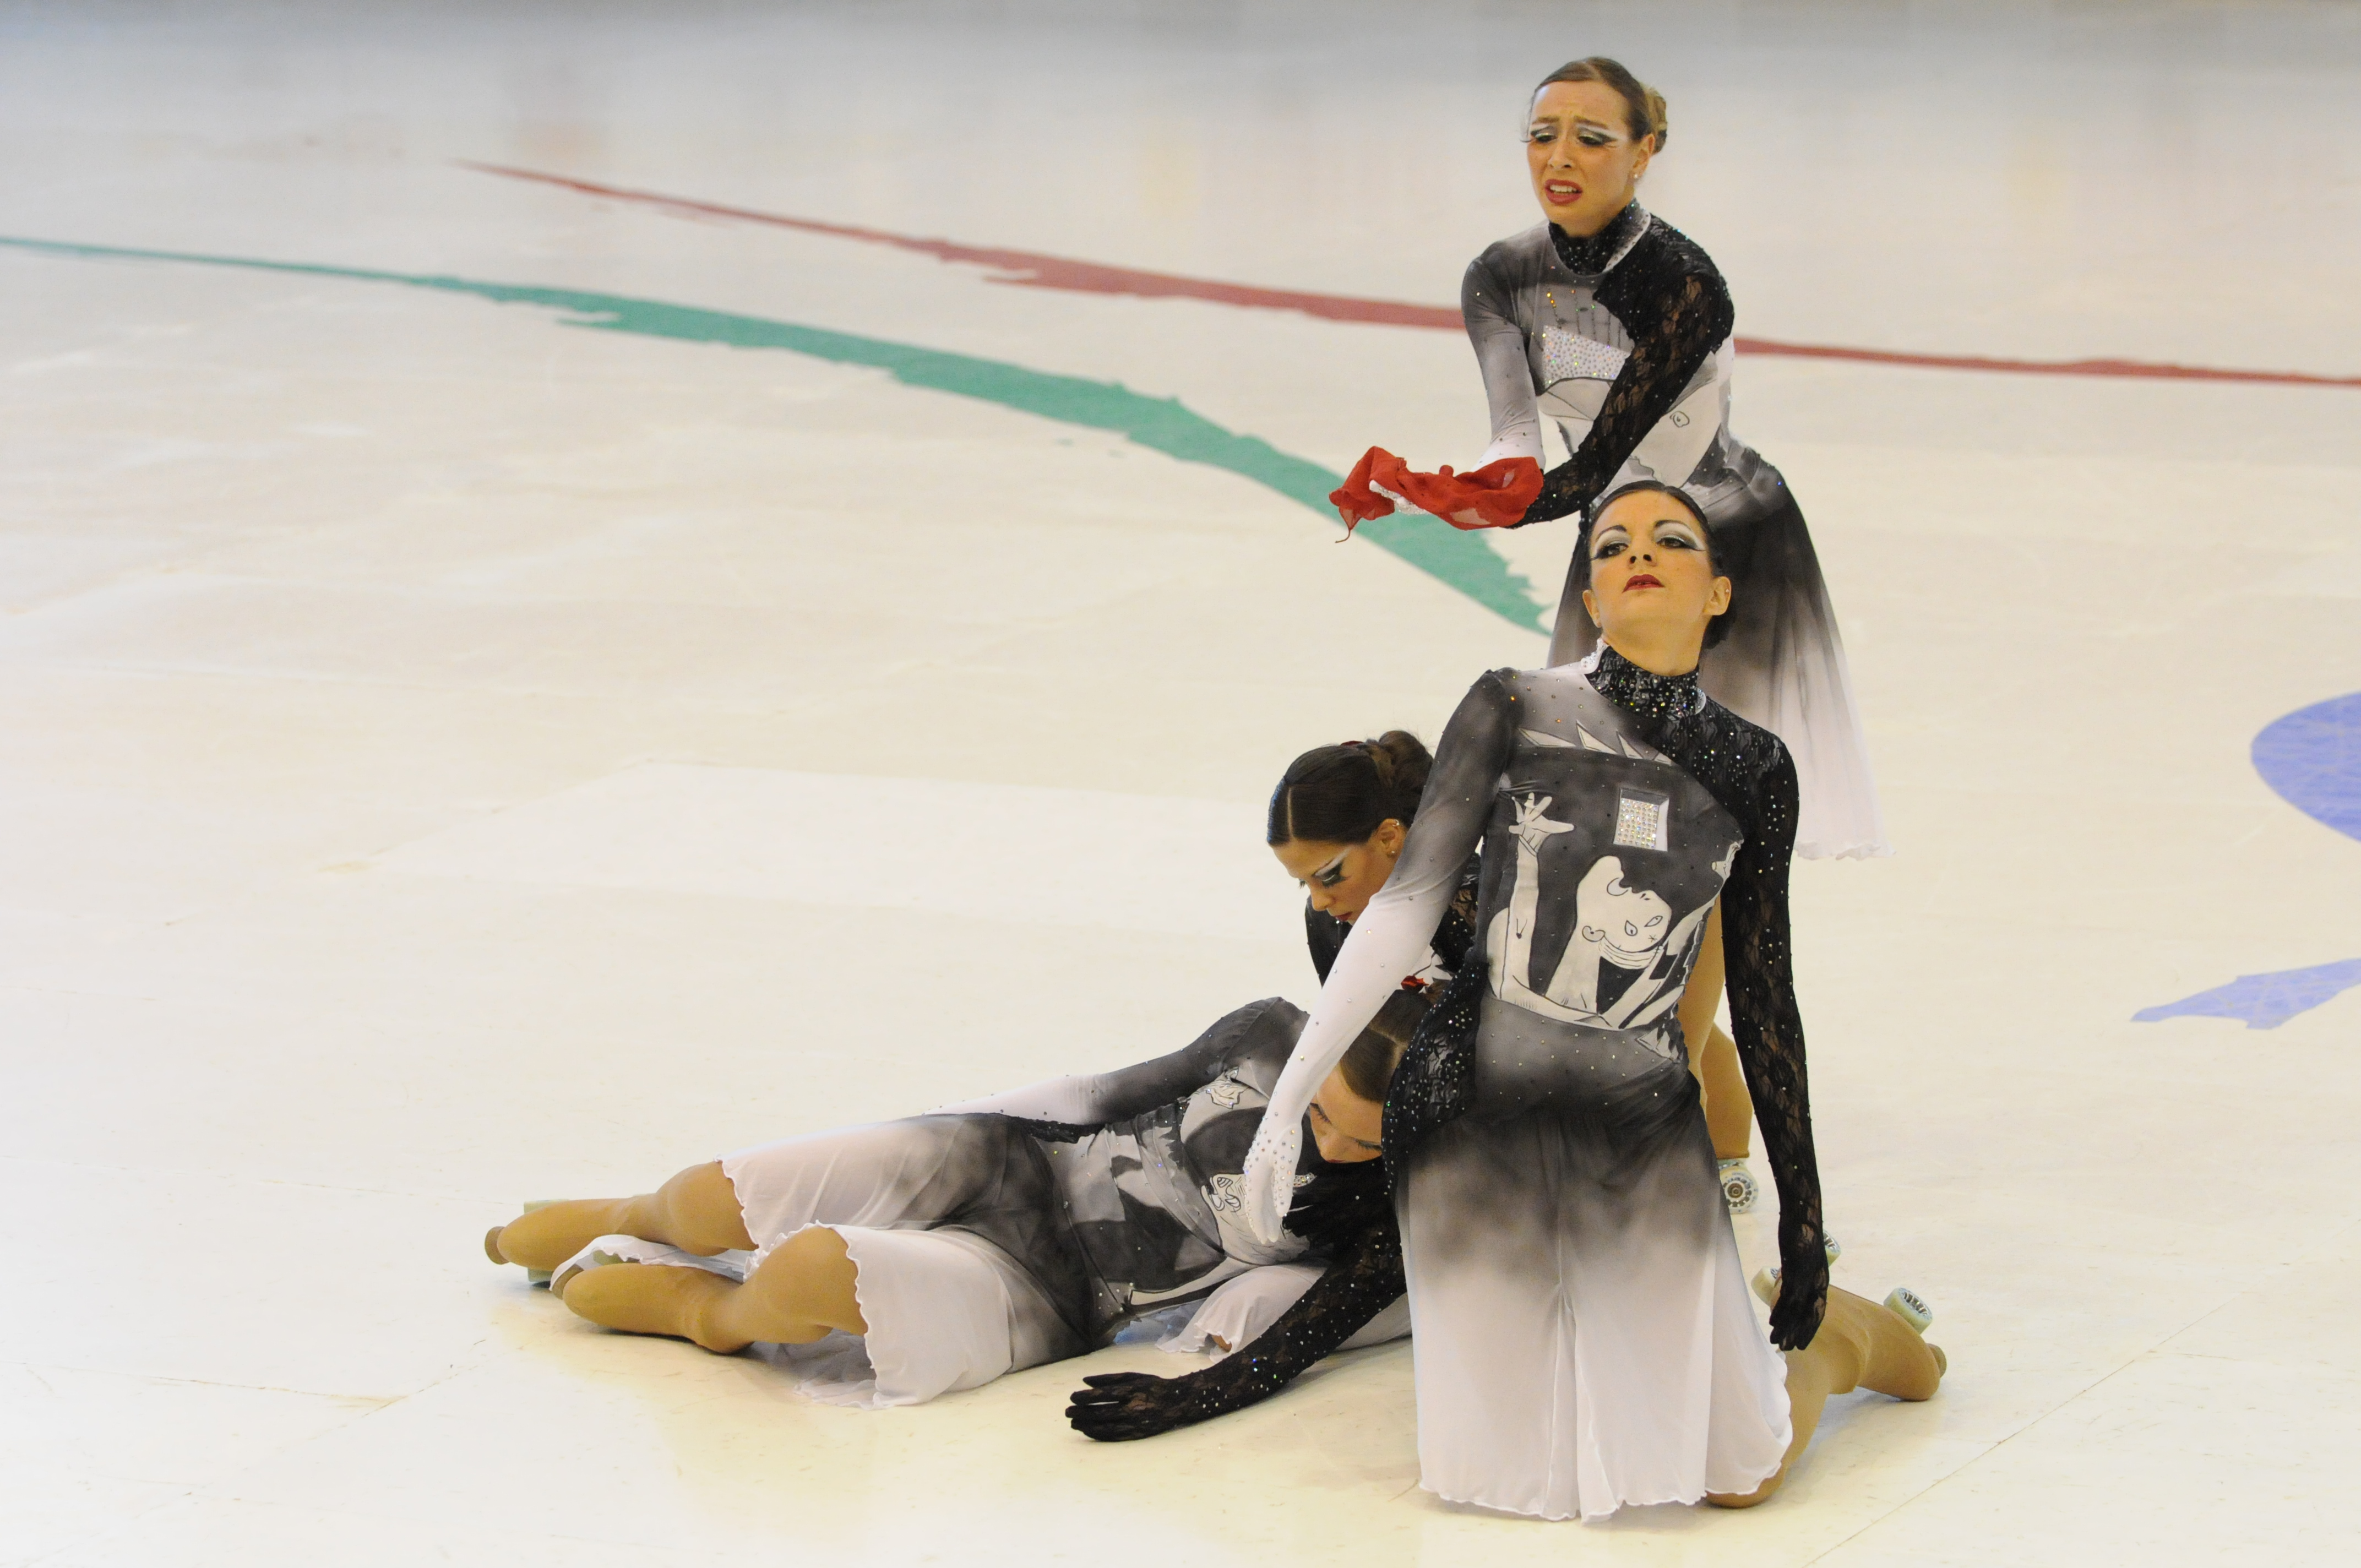 Le grand Bleu - Campionati Nazionali 2011 Reggio Emilia Categoria Quartetti